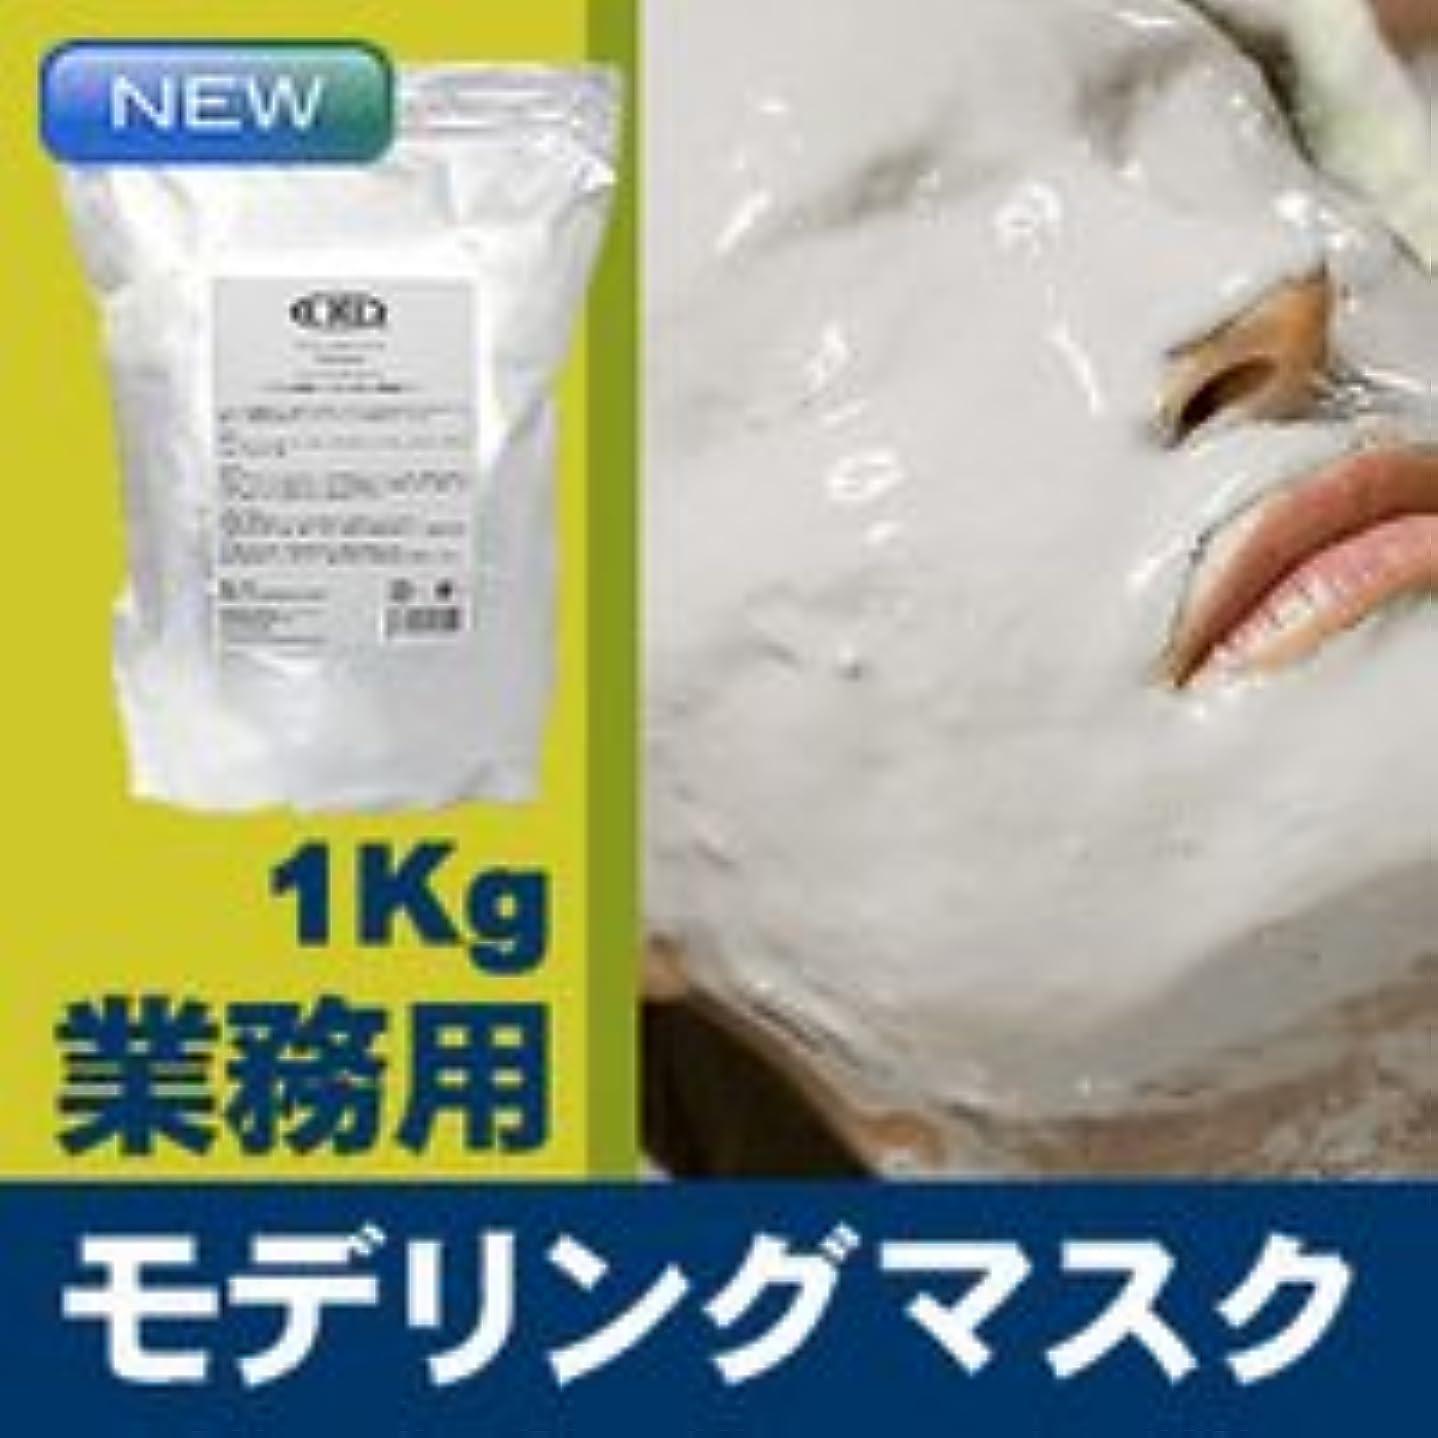 夢中願う降ろすモデリングマスク 1Kg 18種類のアミノ酸配合(シャイニングシルバー) / フェイスマスク?パック 【ピールオフマスク】